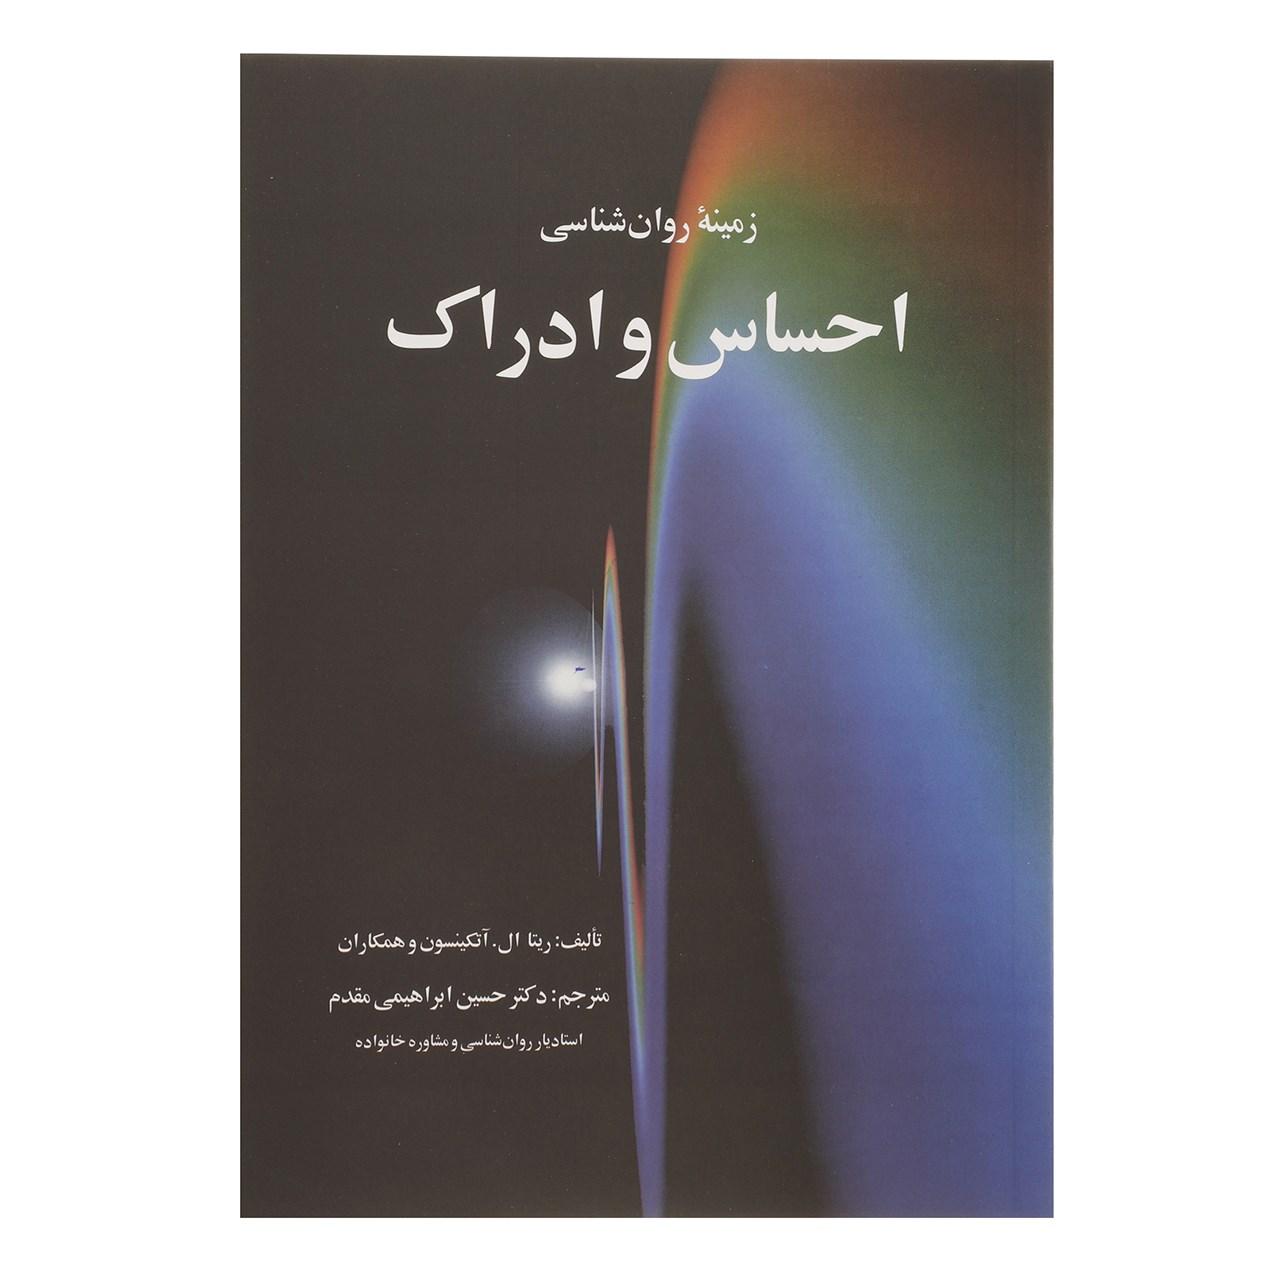 کتاب زمینه روان شناسی احساس و ادراک اثر ریتا ال آتکینسون